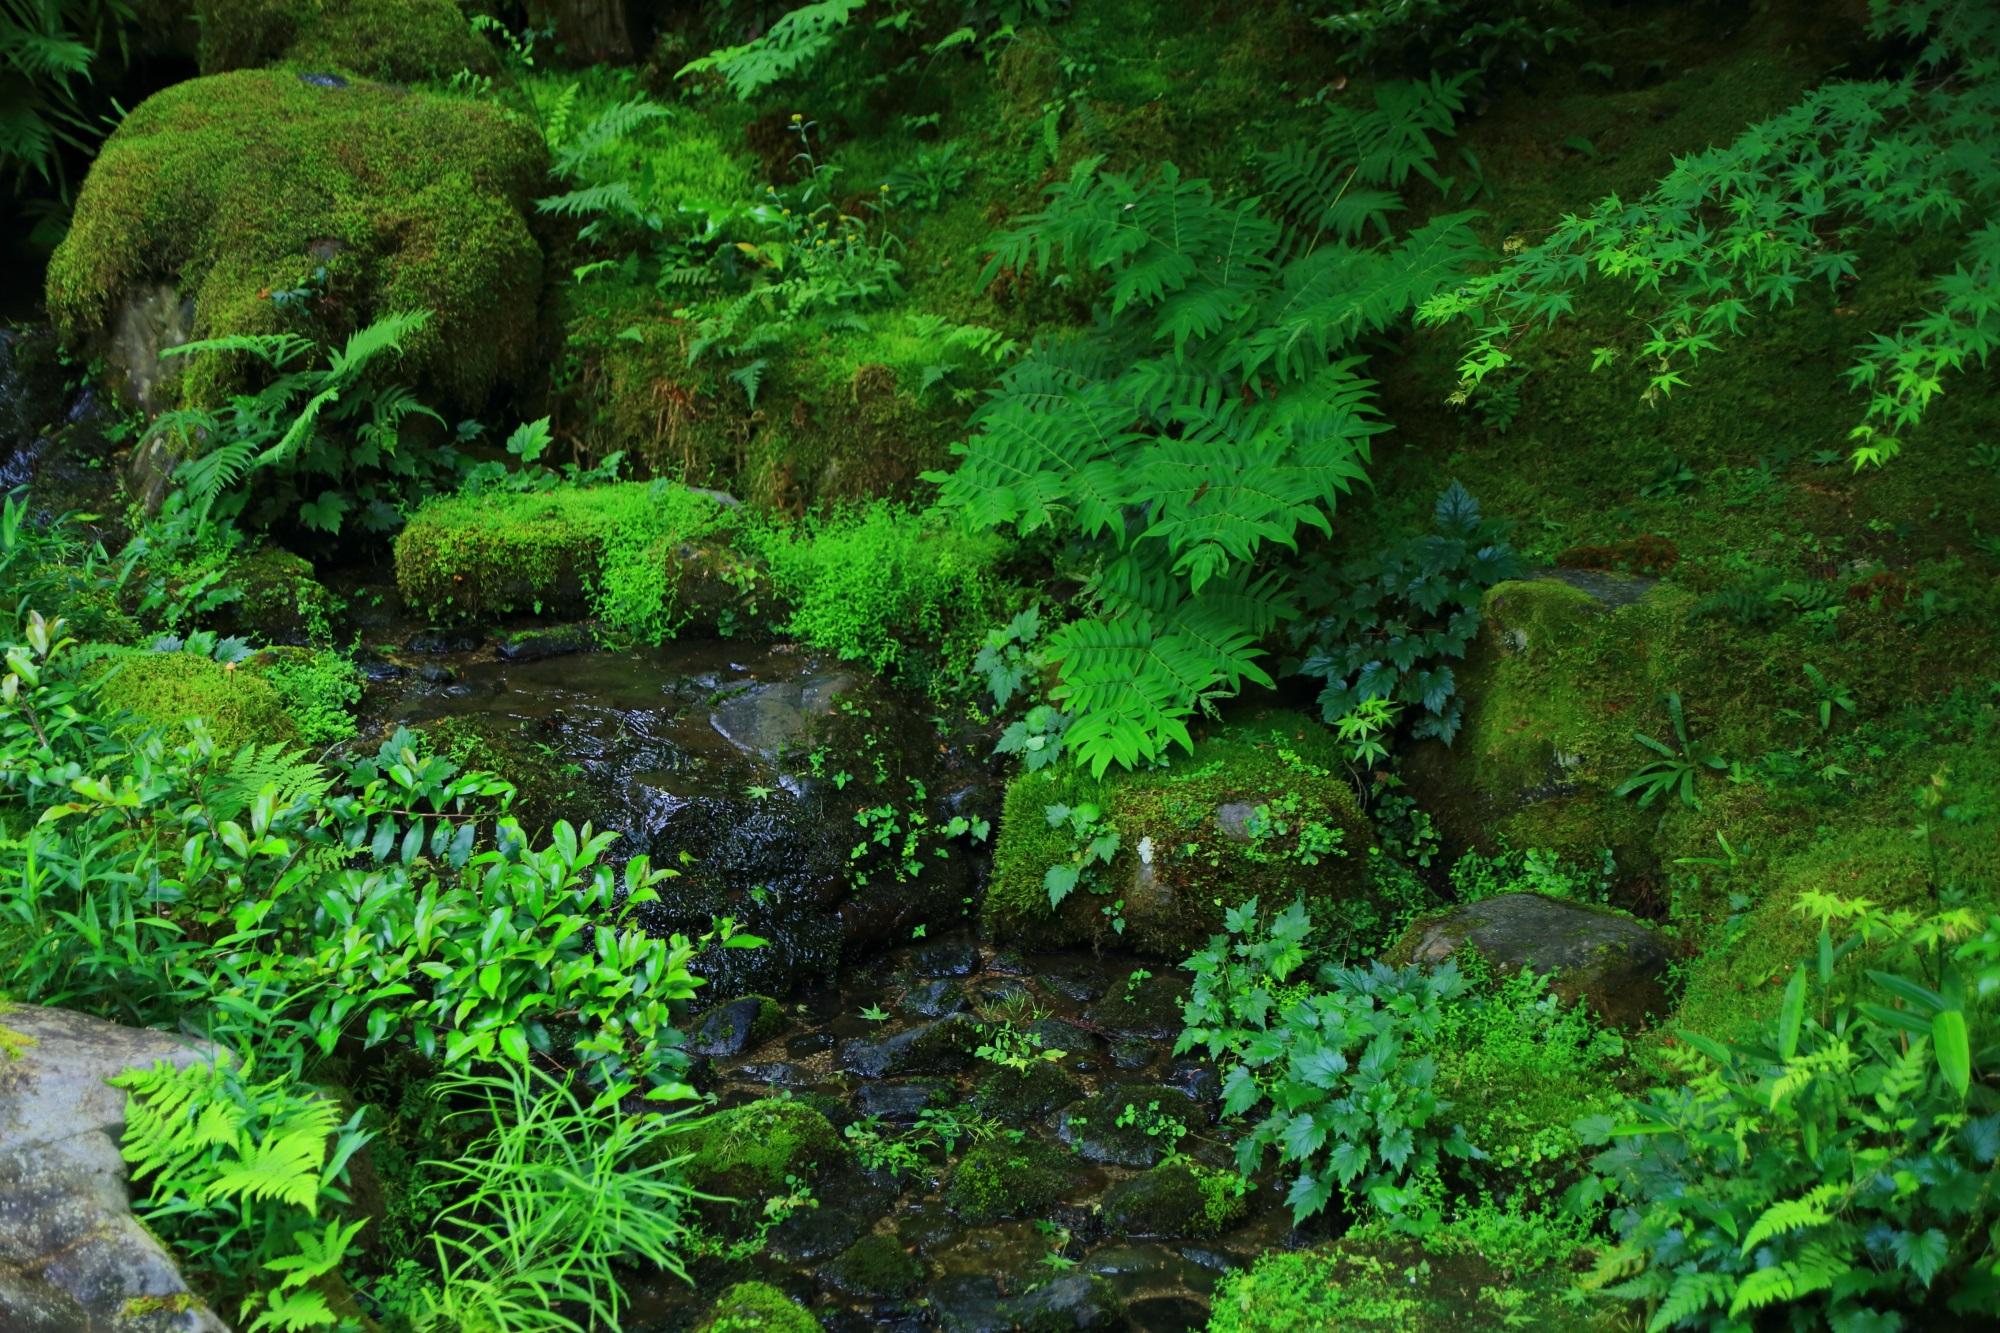 臥龍の庭 瑠璃光院 苔 シダ 緑 綺麗